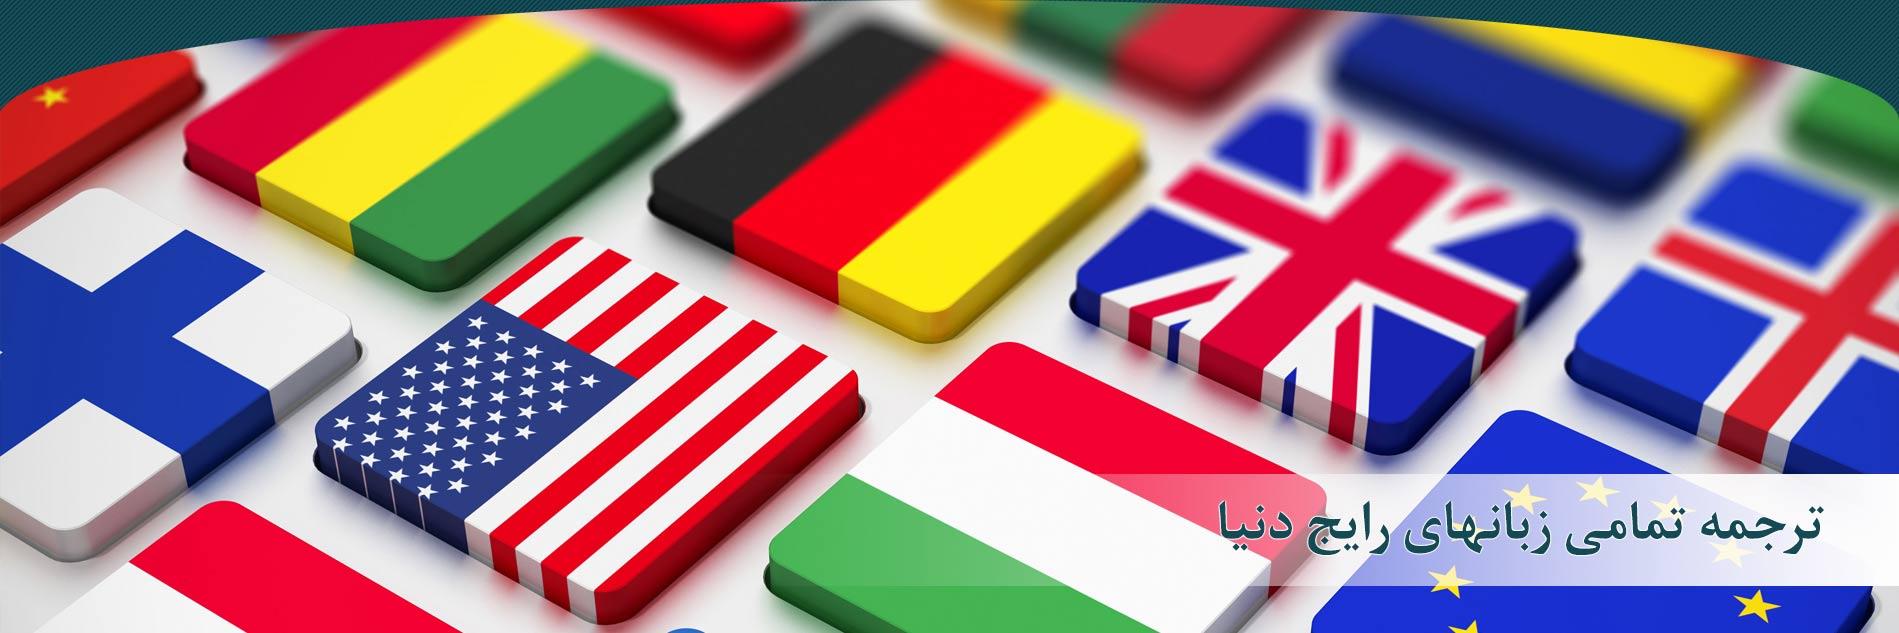 ترجمه آنلاین رسمی به زبانهای رایج | رسمی آنلاین